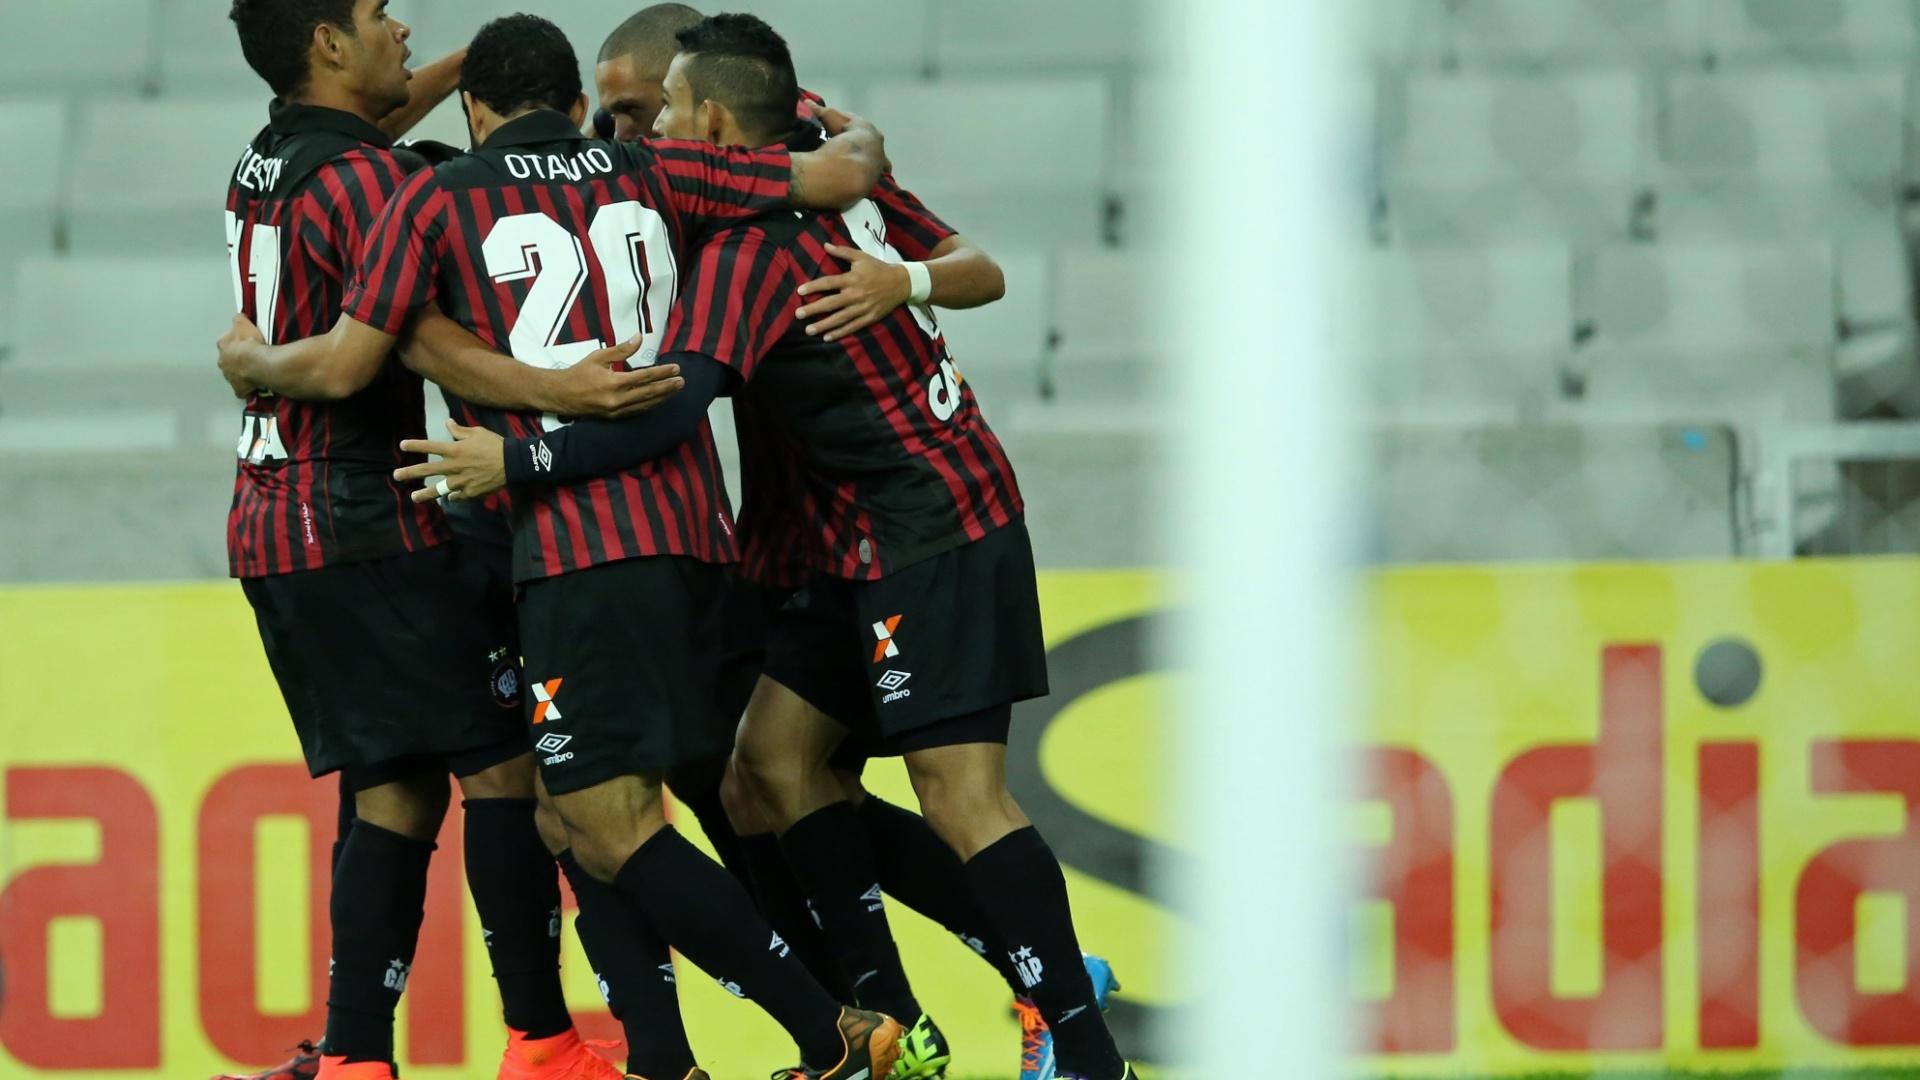 Jogadores do Atlético-PR comemoram gol de Marcelo sobre o Criciúma